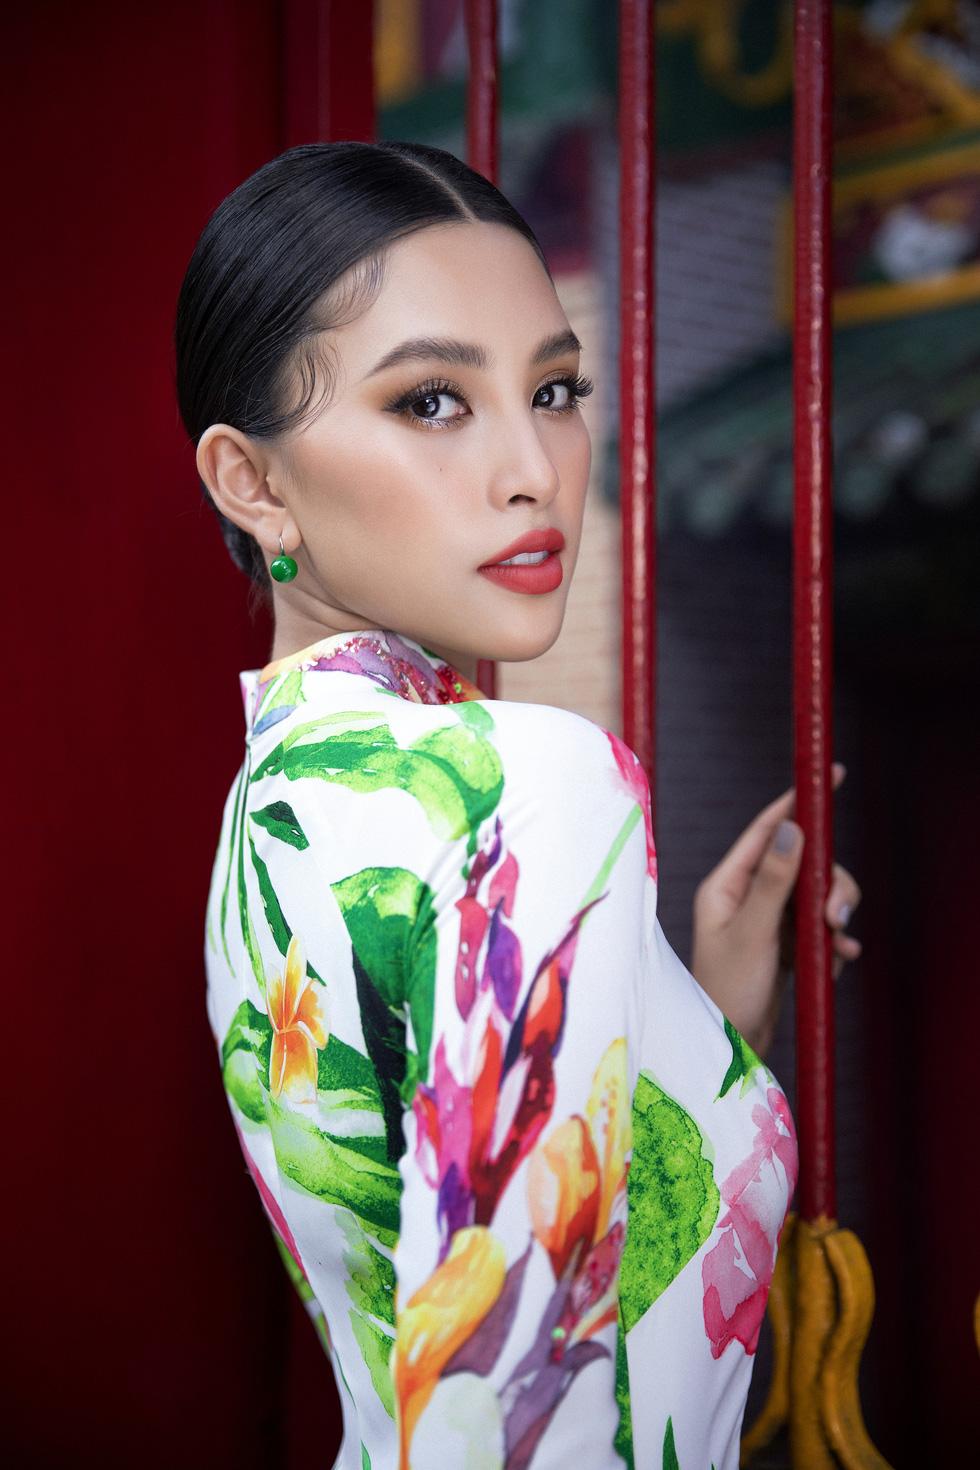 Ngắm Hoa hậu Tiểu Vy trong những tà áo dài sắc hồng, đỏ du xuân - Ảnh 7.